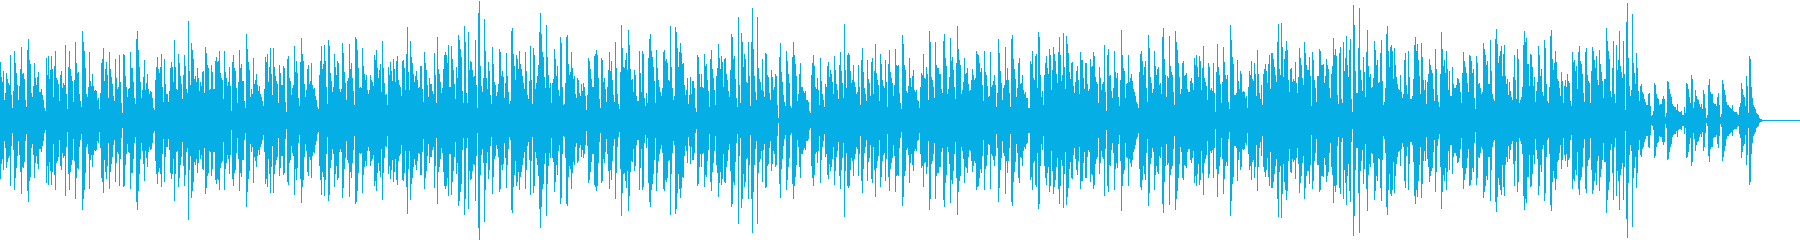 アップテンポで軽やかなジャズの再生済みの波形